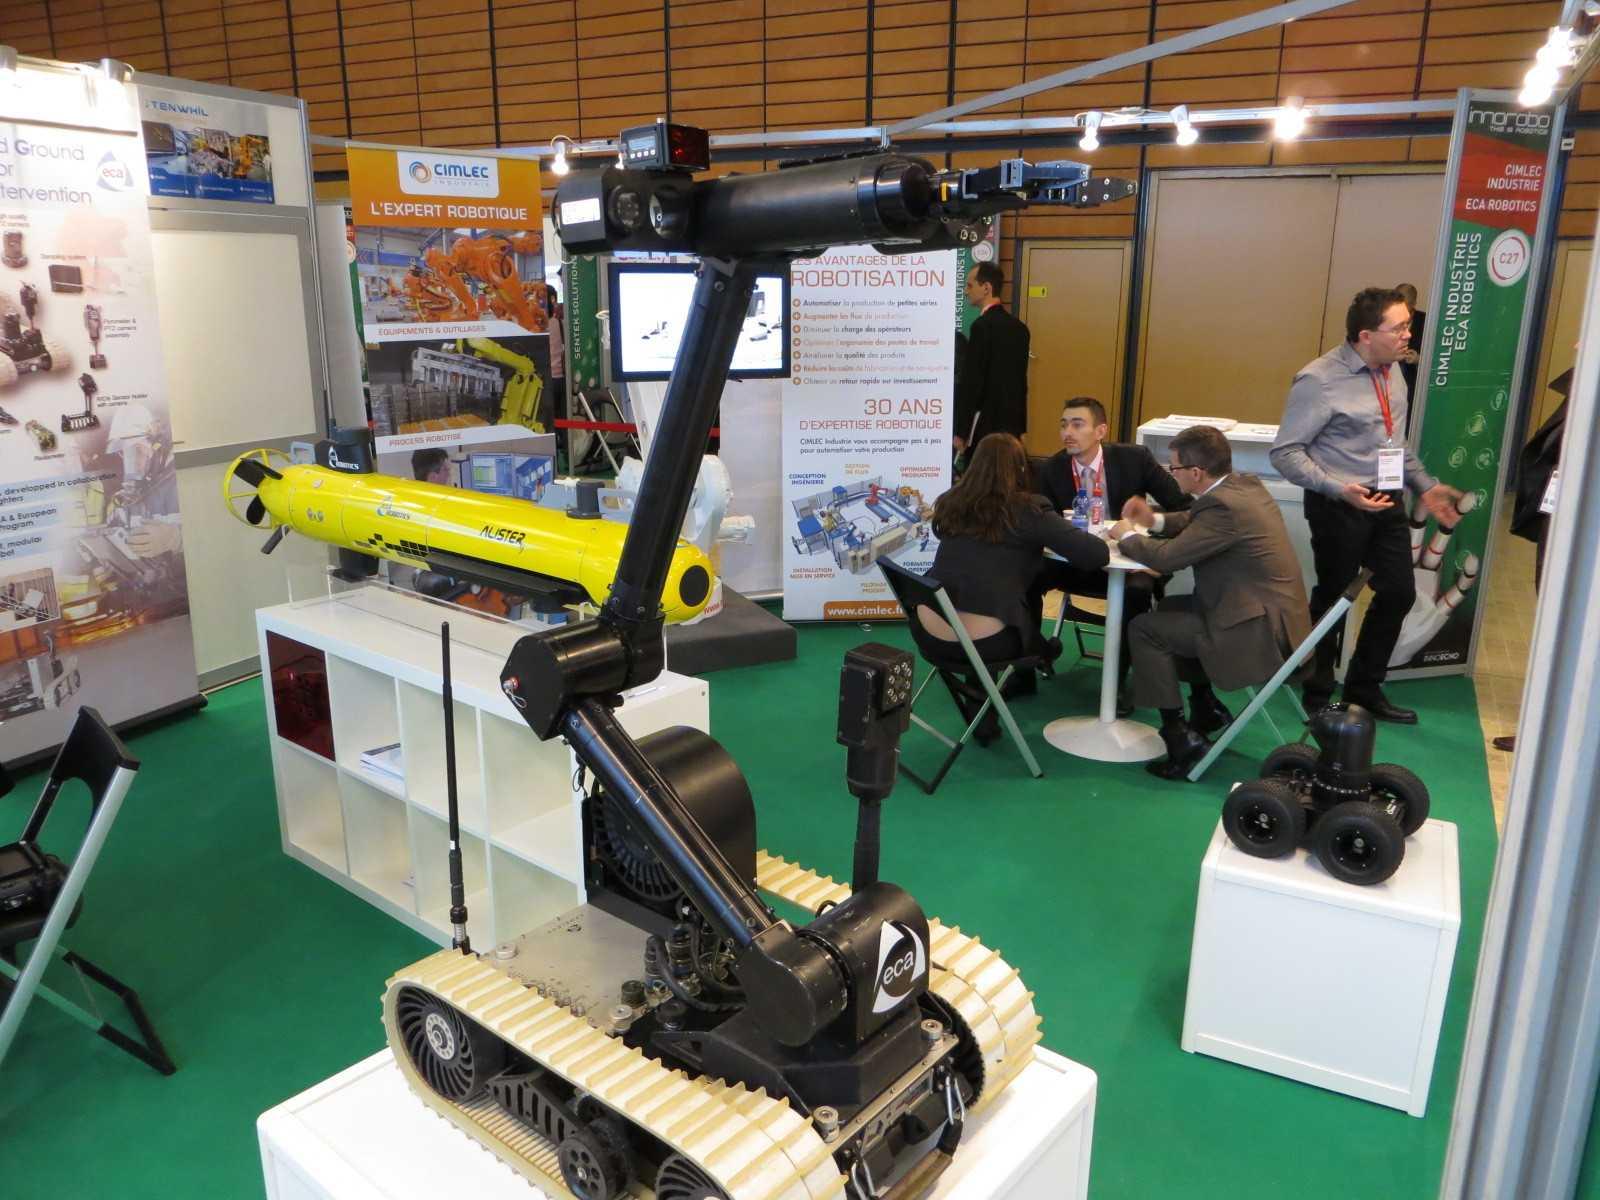 Militärische Anwendungen der Robotik, wie hier am Stand der französischen Firma ECA Robotics werden mittlerweile nicht mehr so rigide ausgeklammert wie noch vor Kurzem.